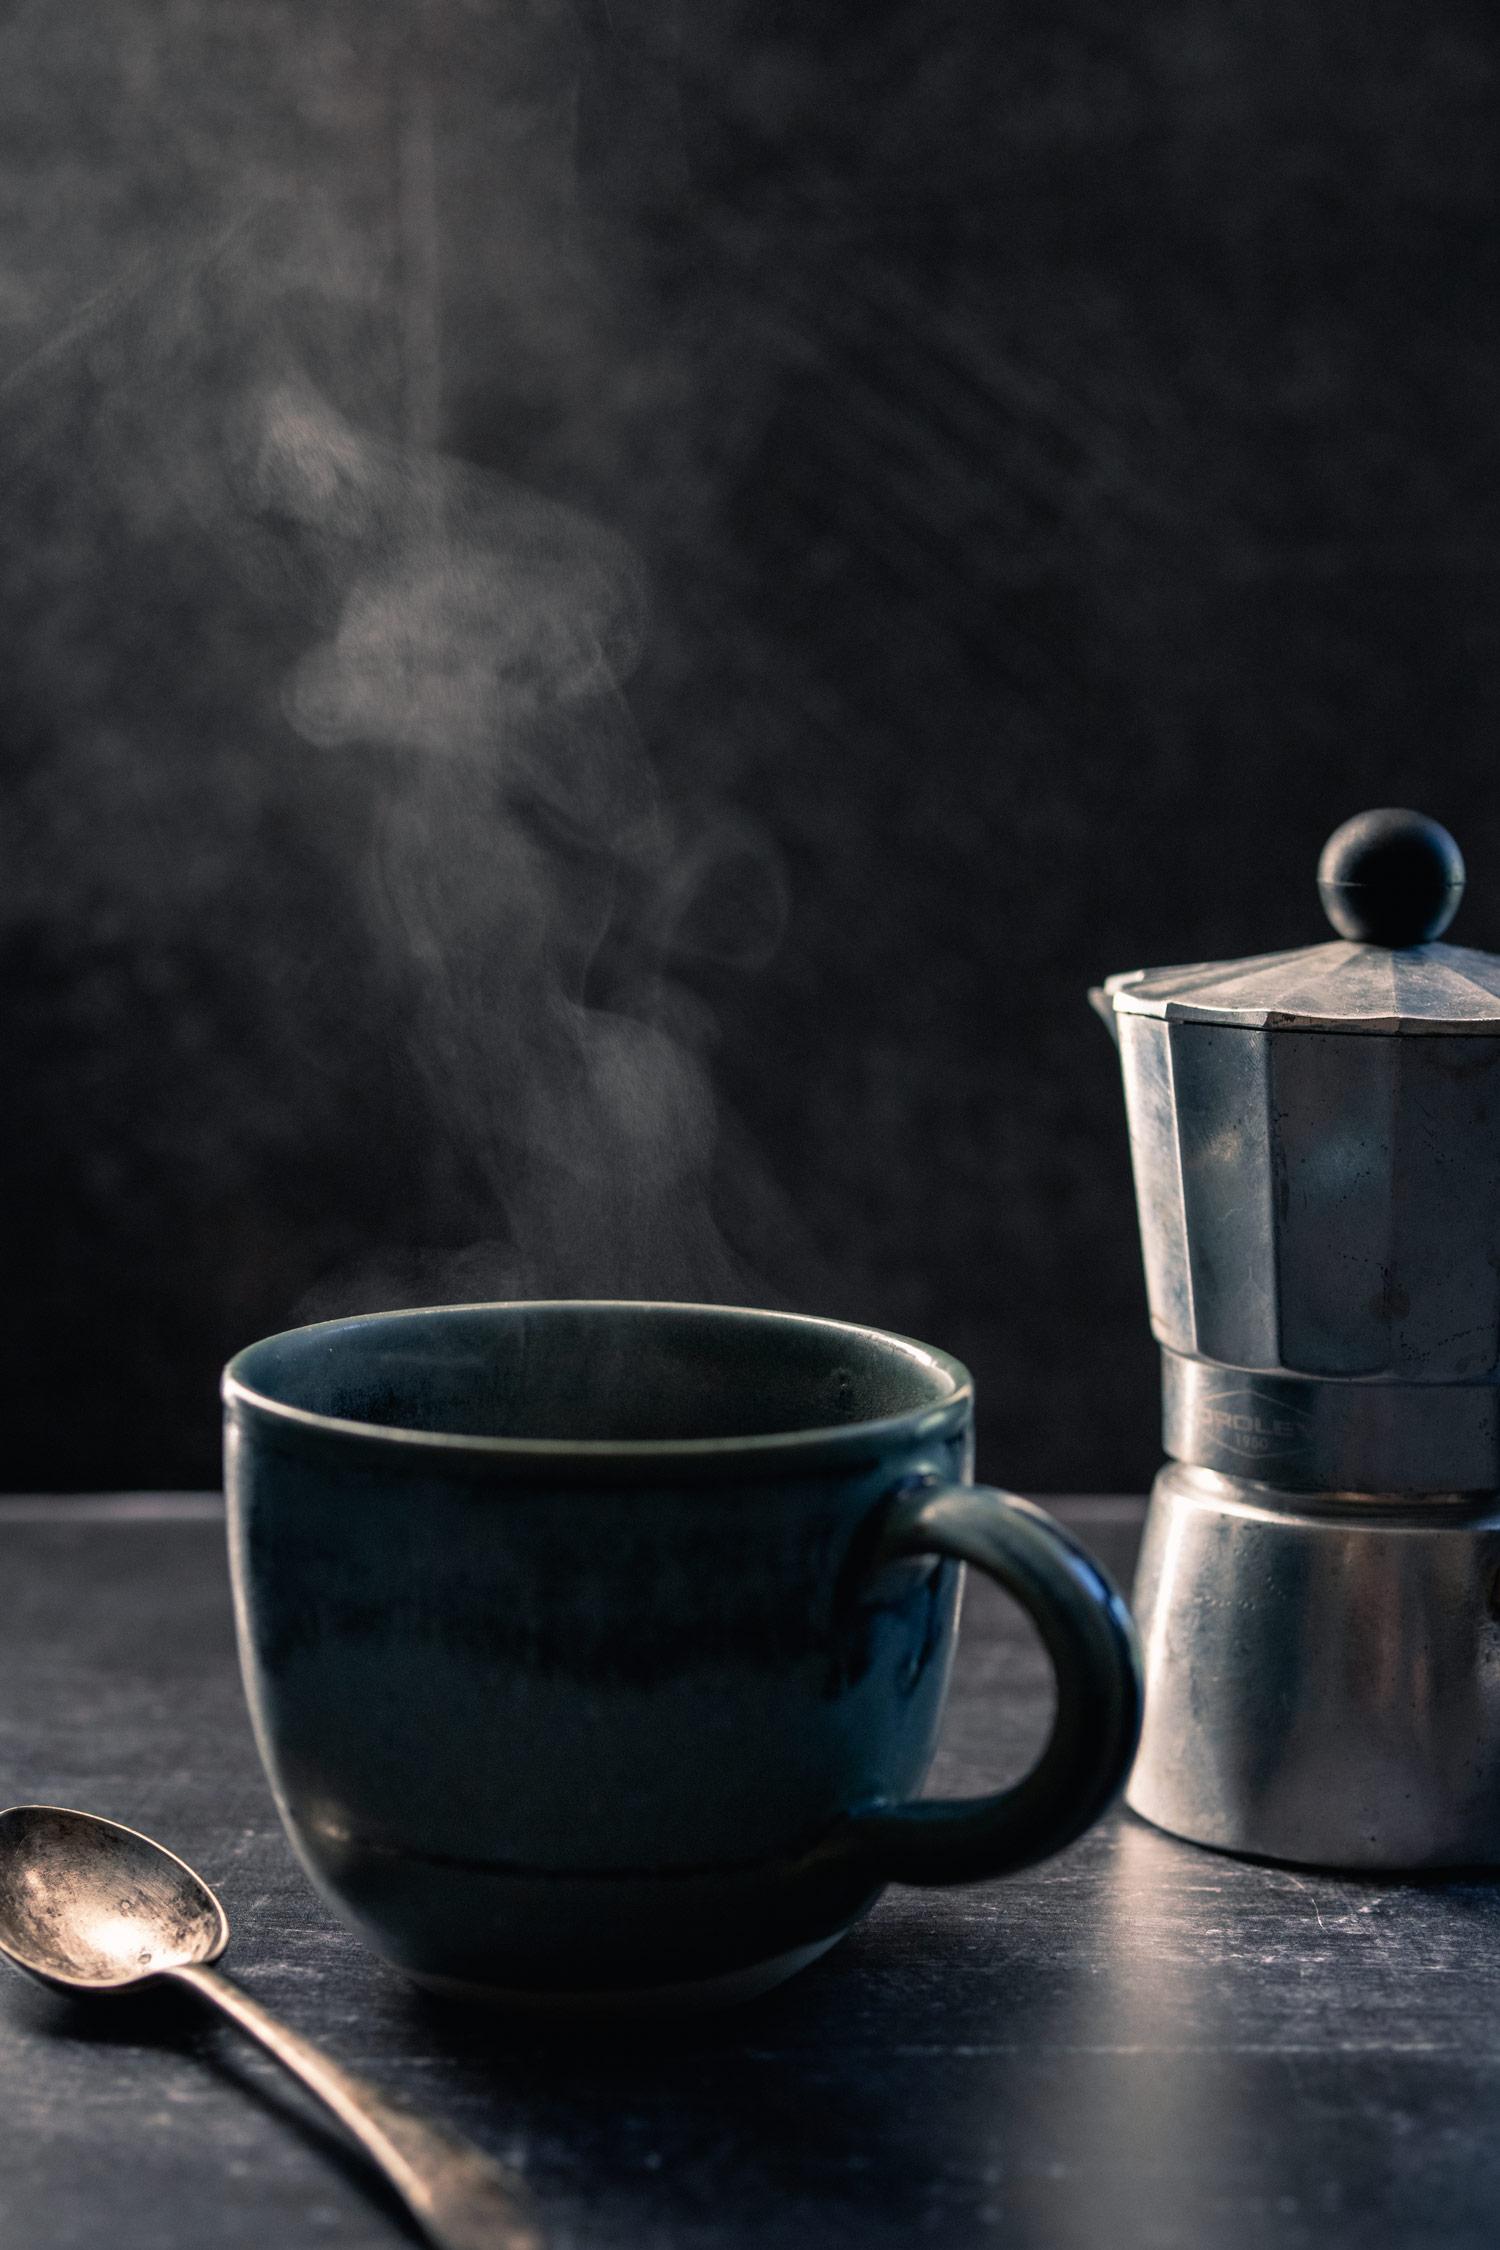 steaming mug of moka pot coffee